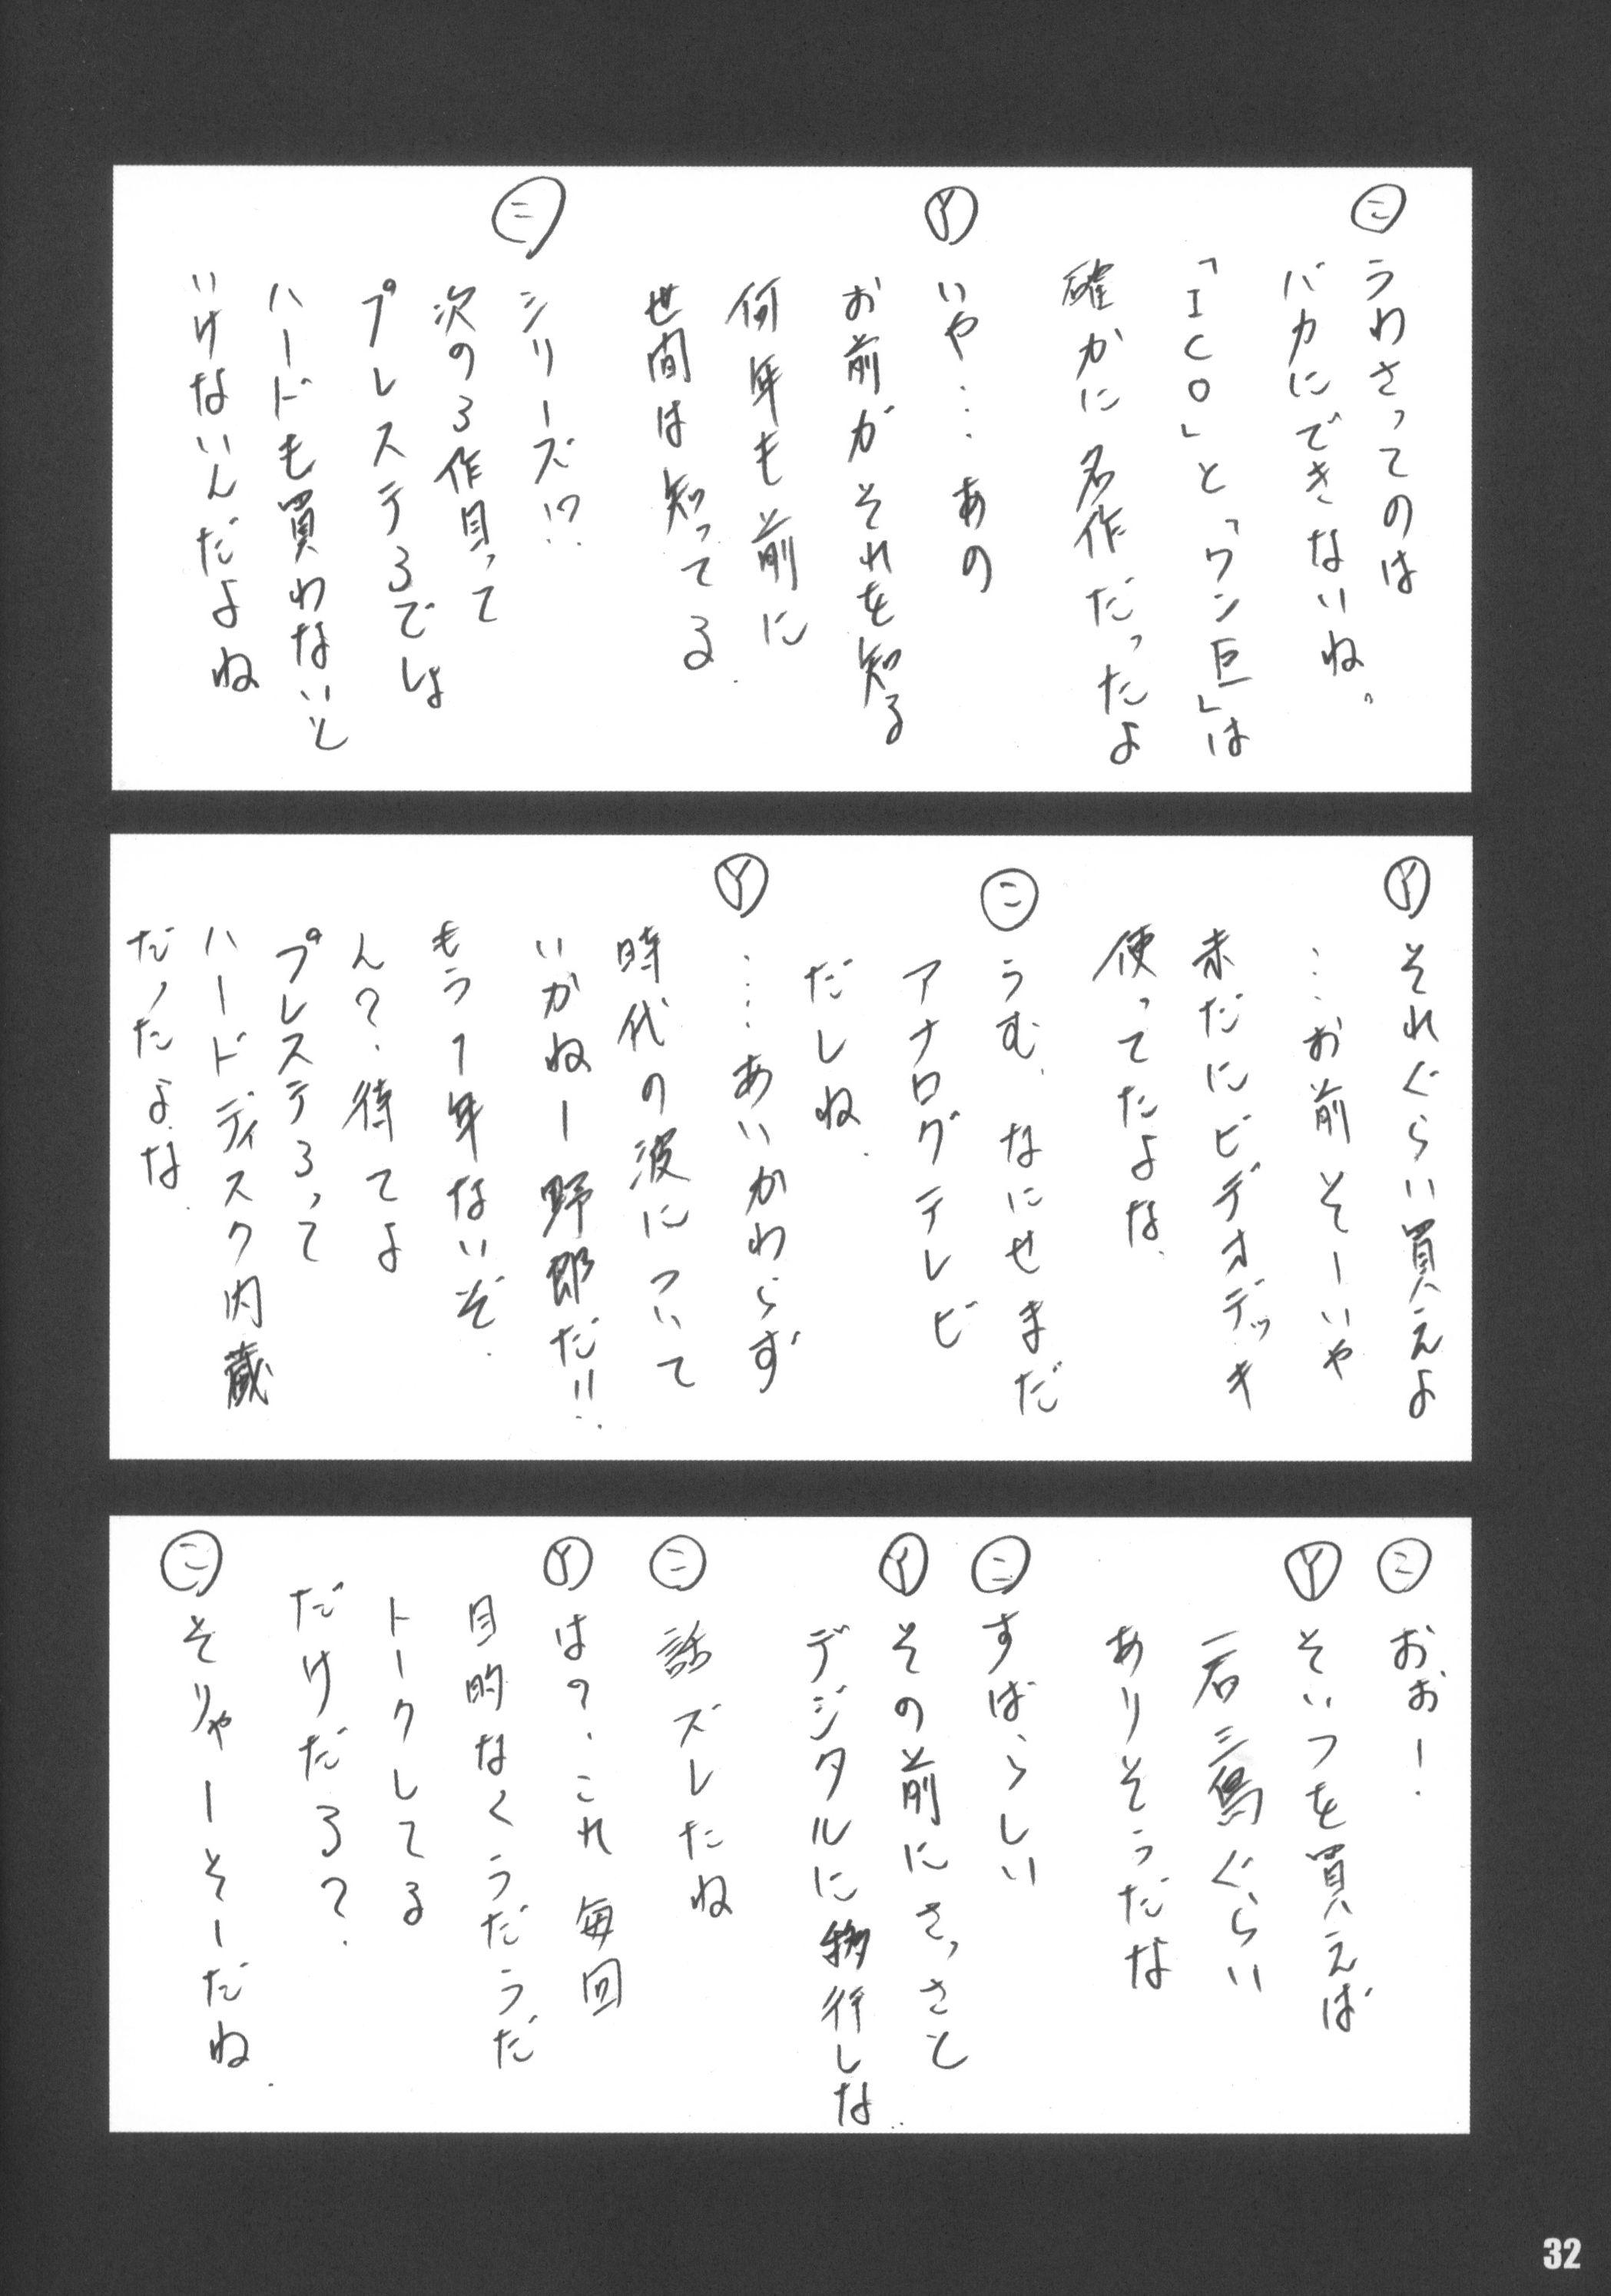 【エロ漫画】スクール水着の幼女と青姦アナルセックス☆ロリのケツ穴サイコー♫【無料 エロ同人誌】 (30)